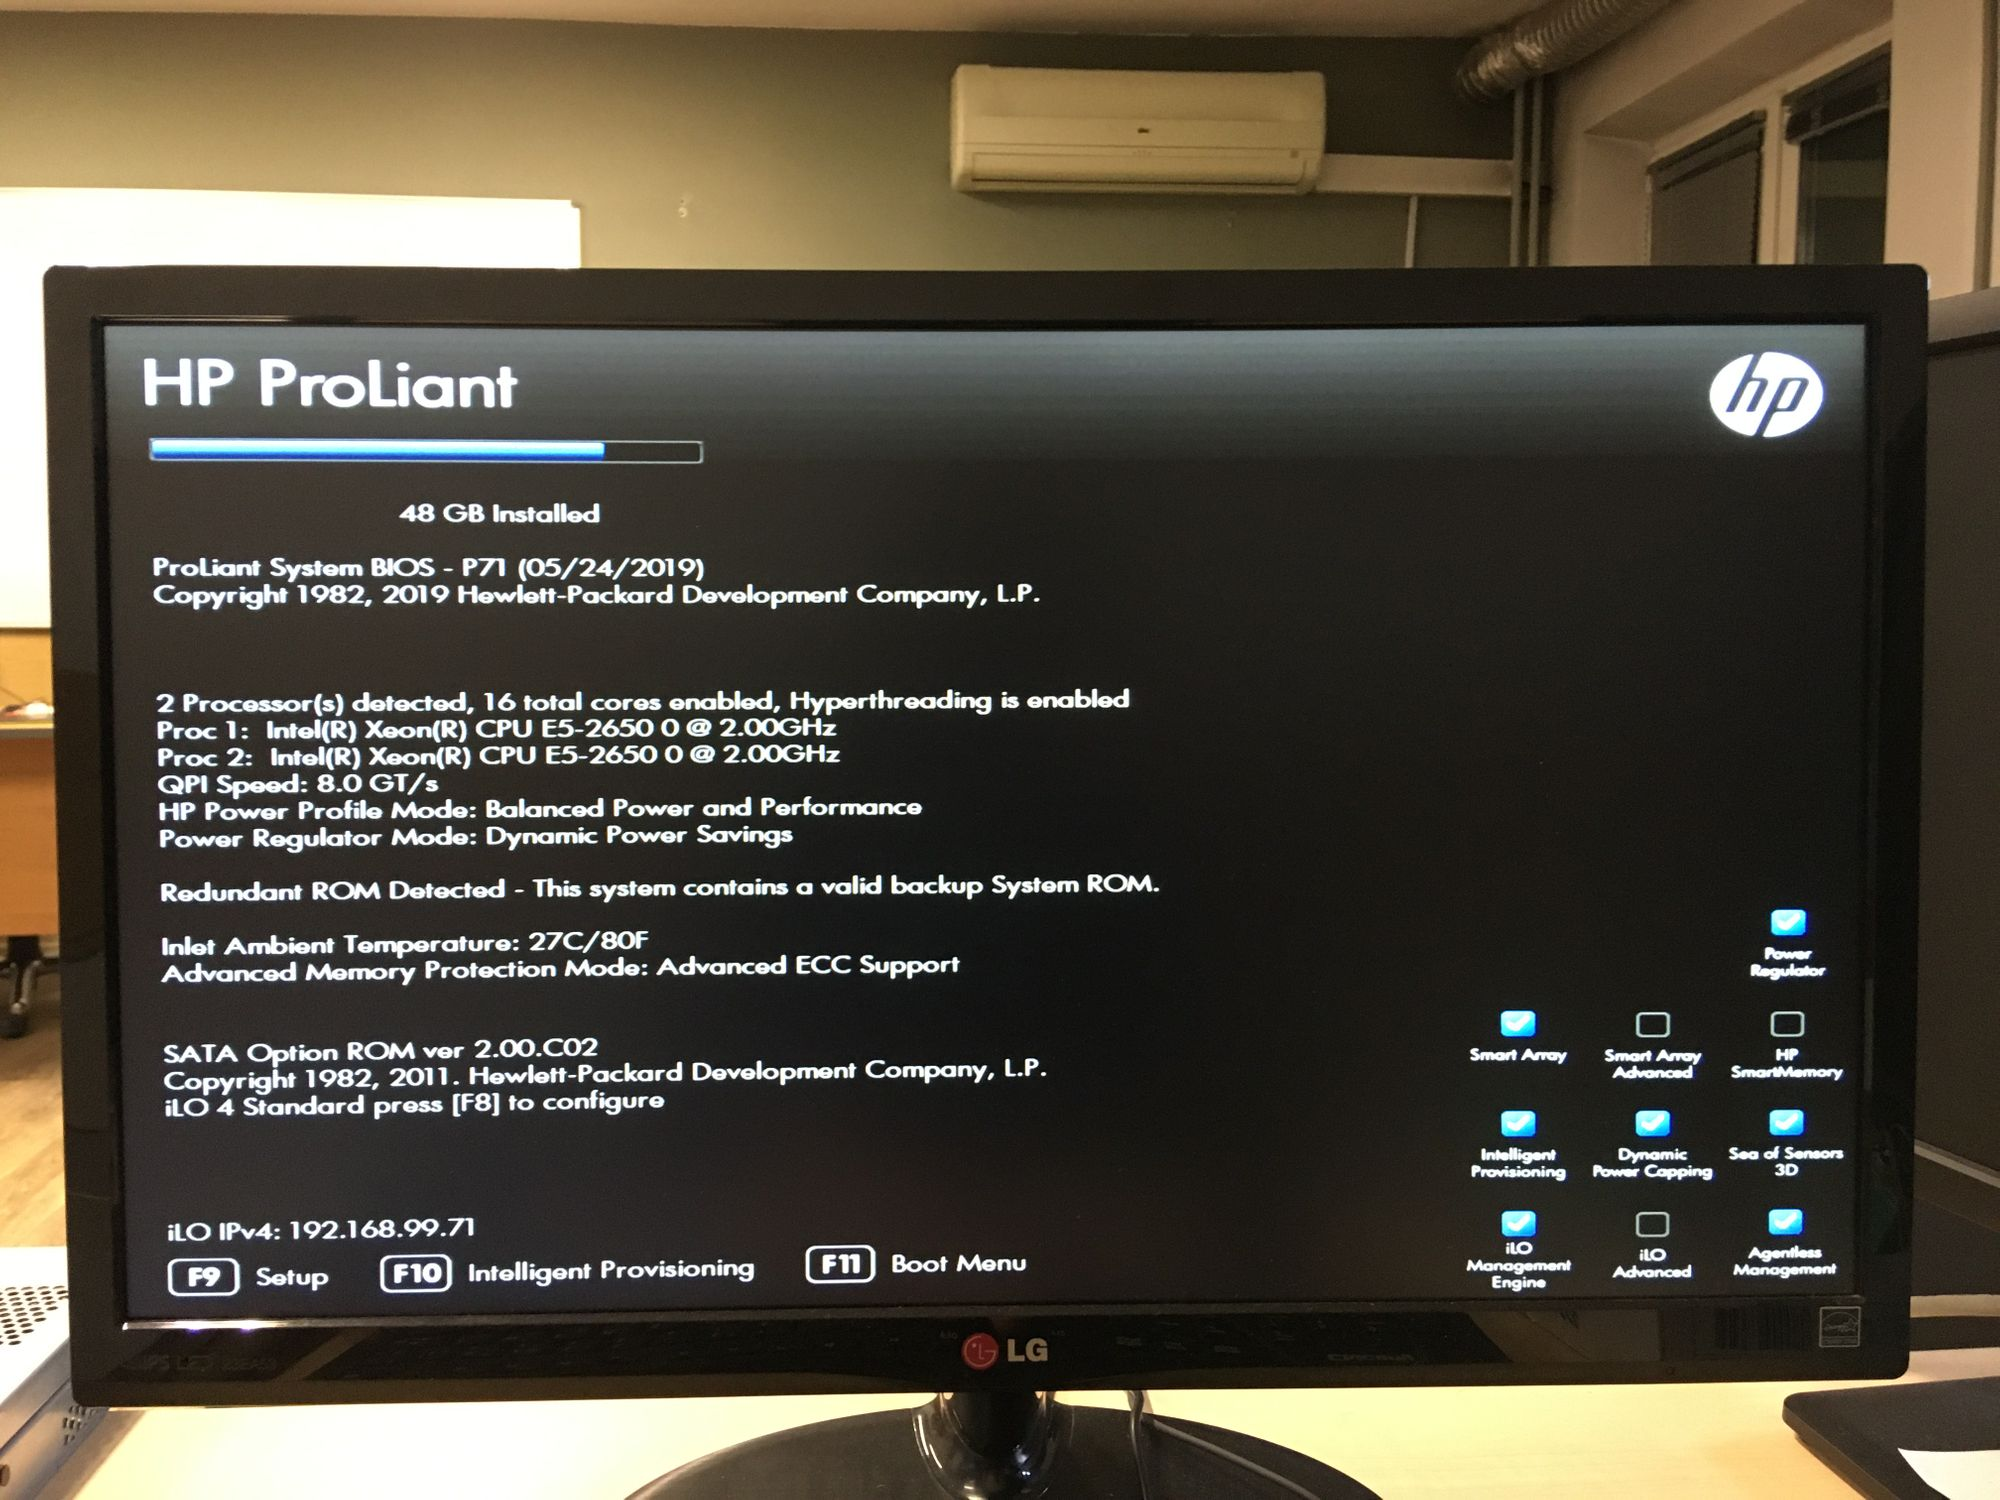 HP Proliant загружается